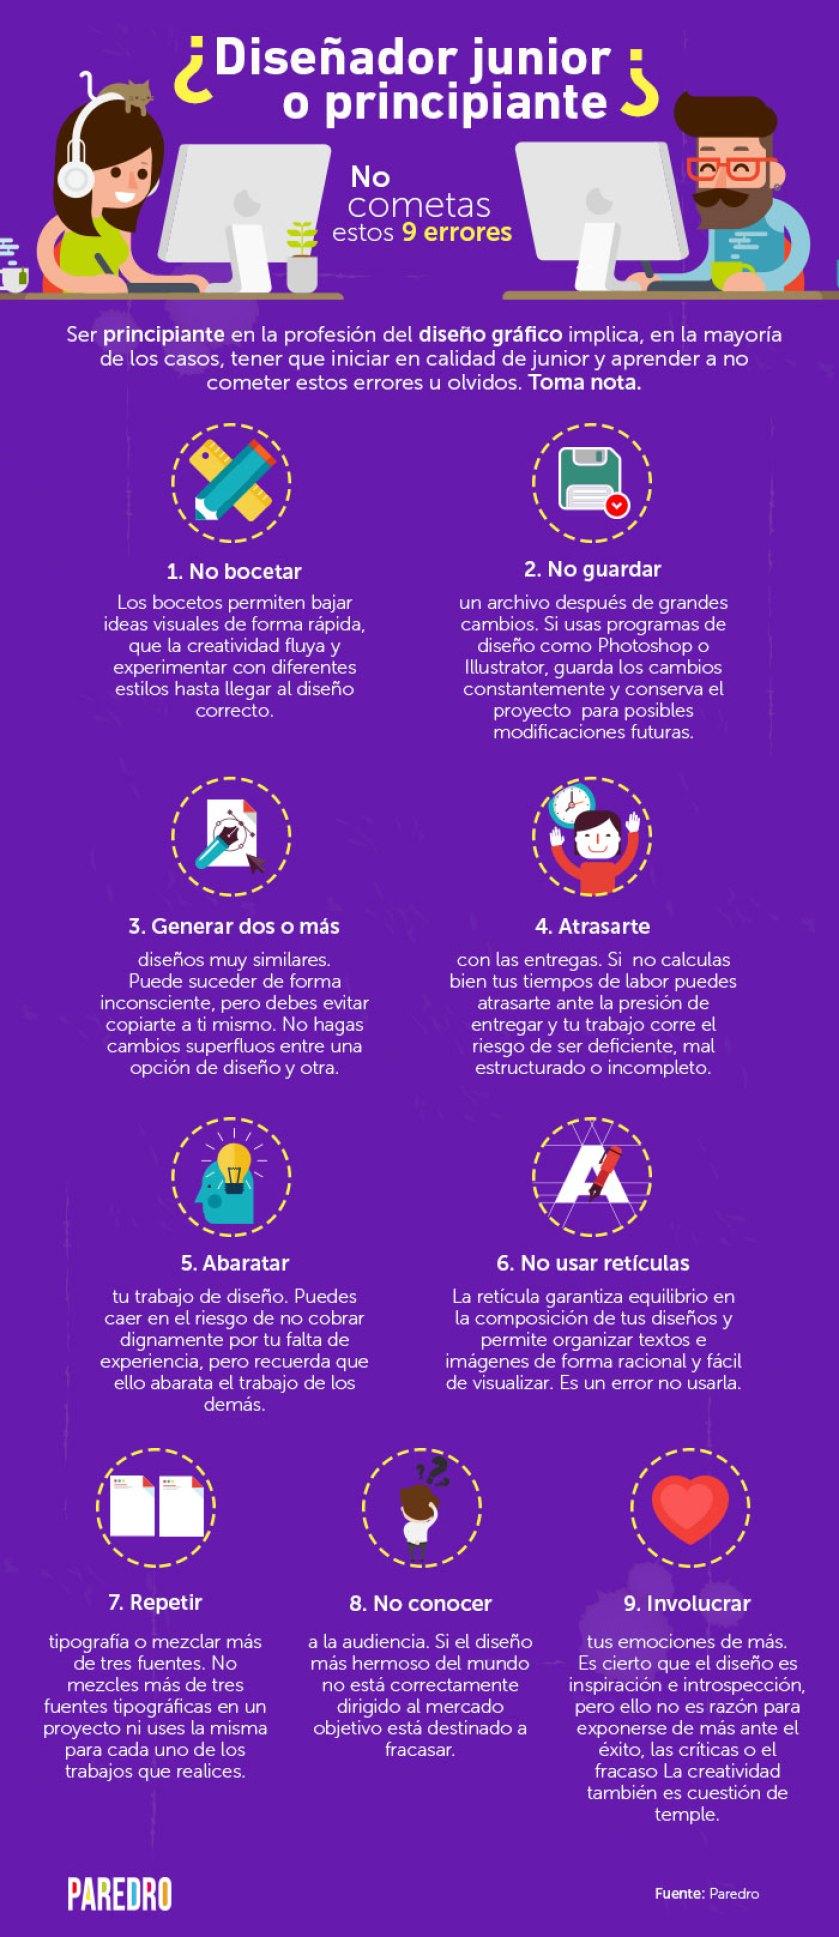 9 errores de los diseñadores principiantes